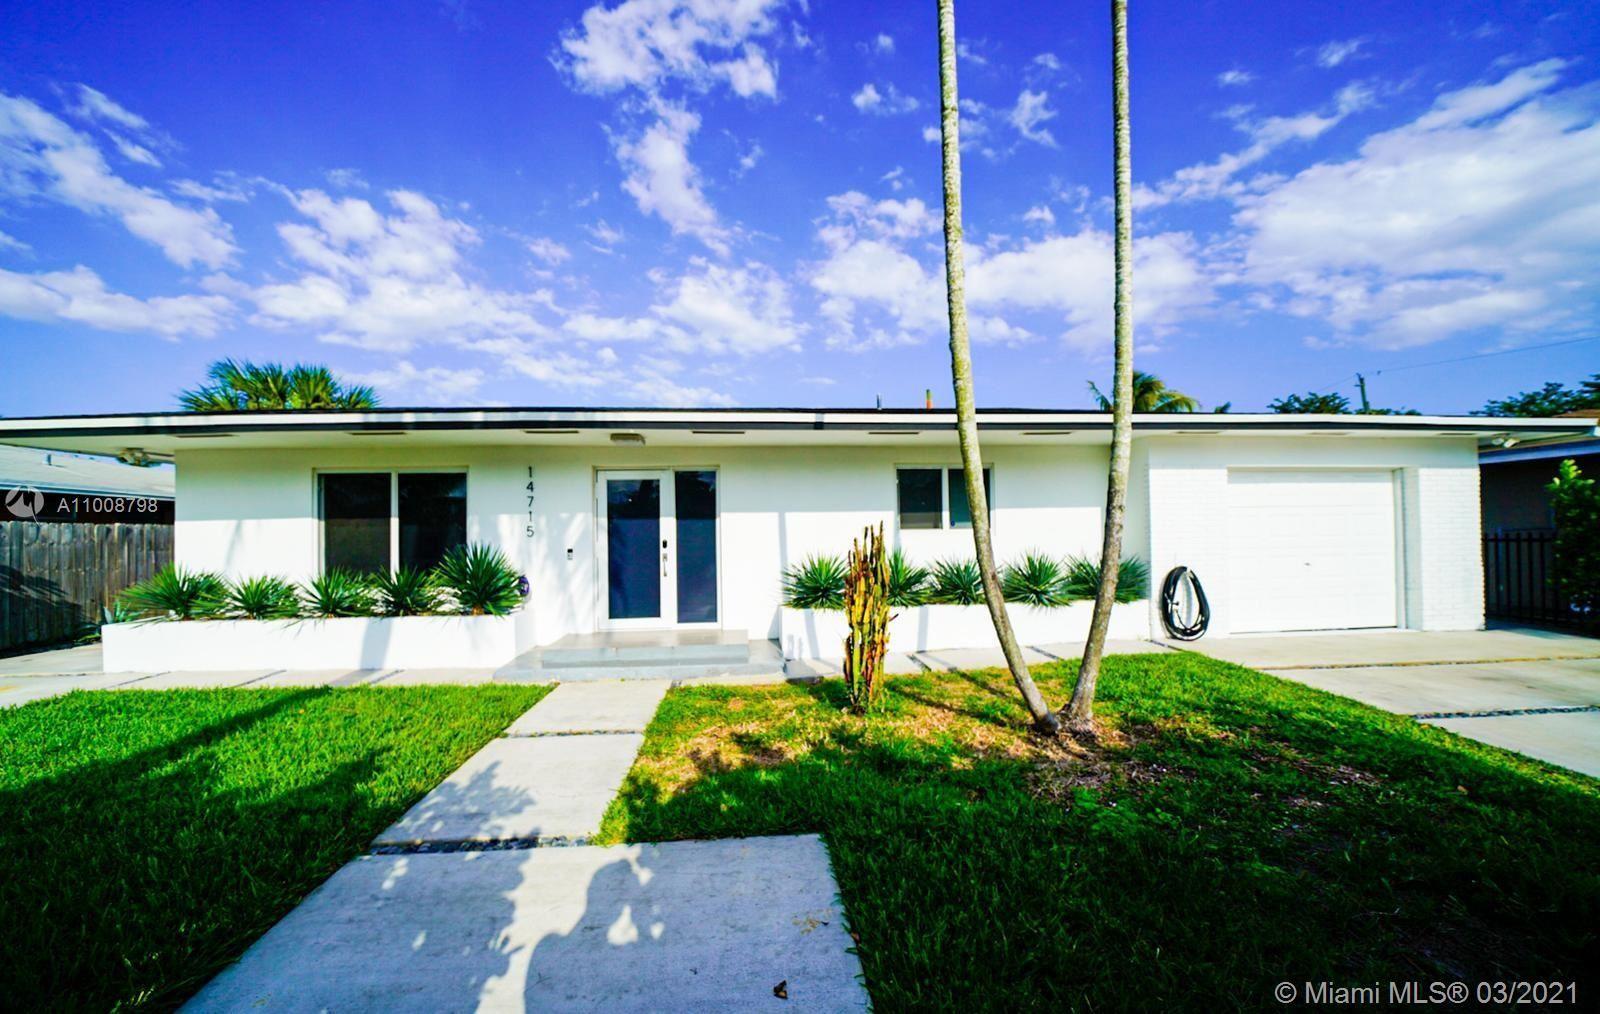 14715 NE 7th Ct, Miami, FL 33161 - #: A11008798